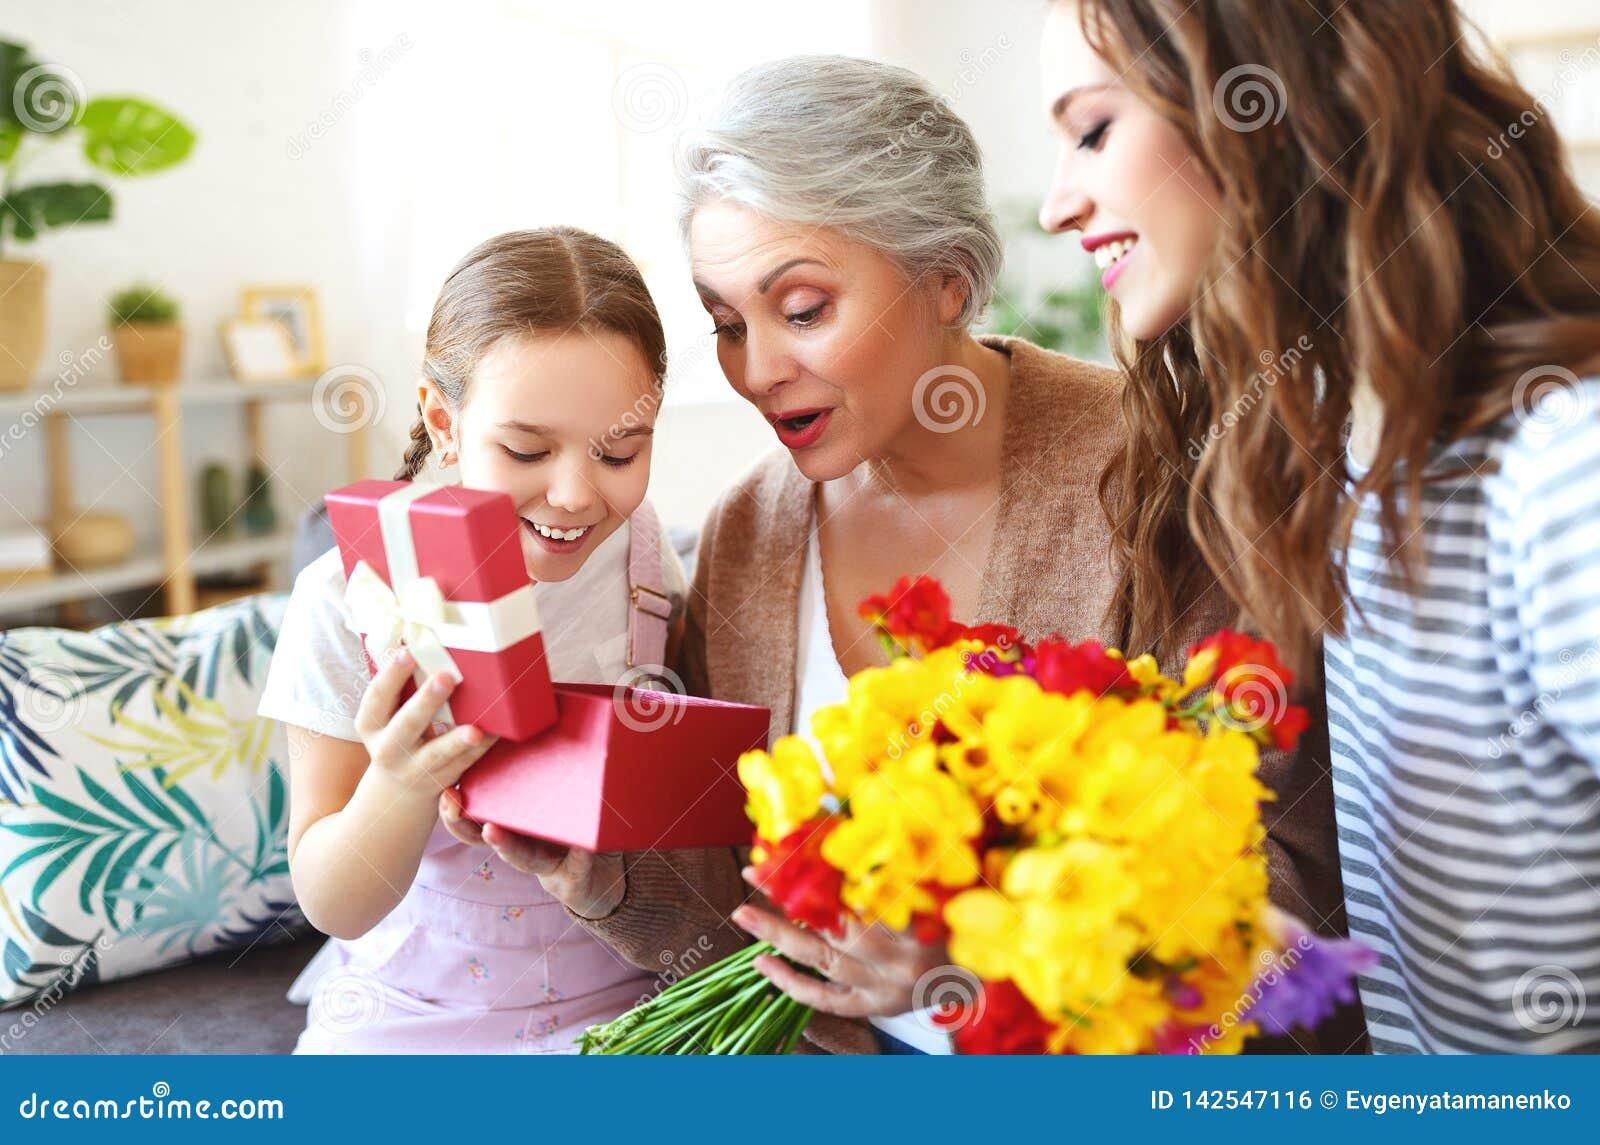 Moders dag! tre utvecklingar av familjmoder, farmor och dotter gratulerar på ferien, ger blommor